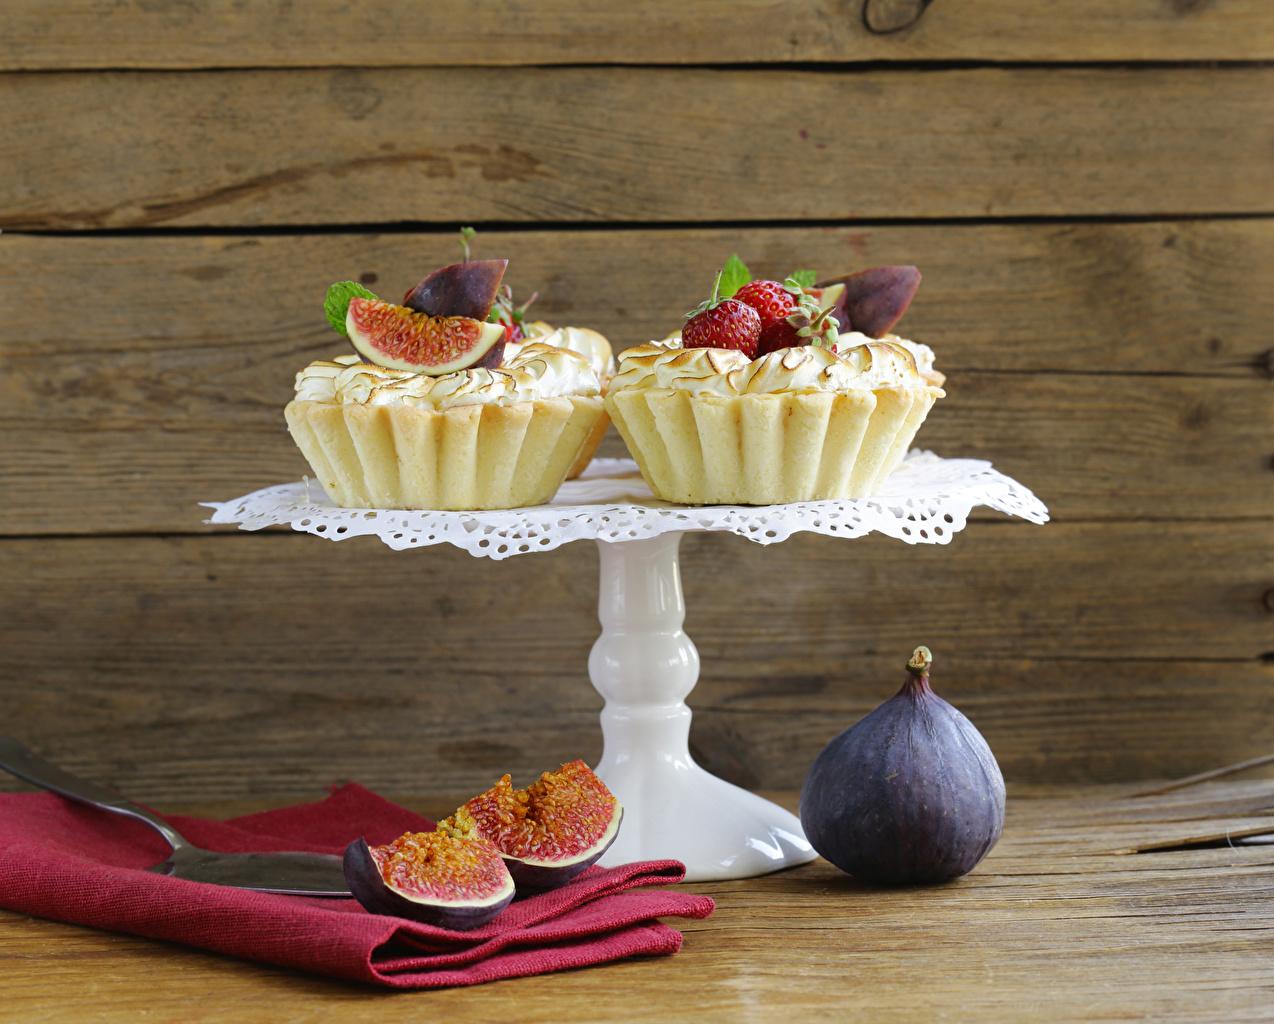 Картинка два Инжир Пища Пирожное Доски 2 две Двое вдвоем Еда Продукты питания